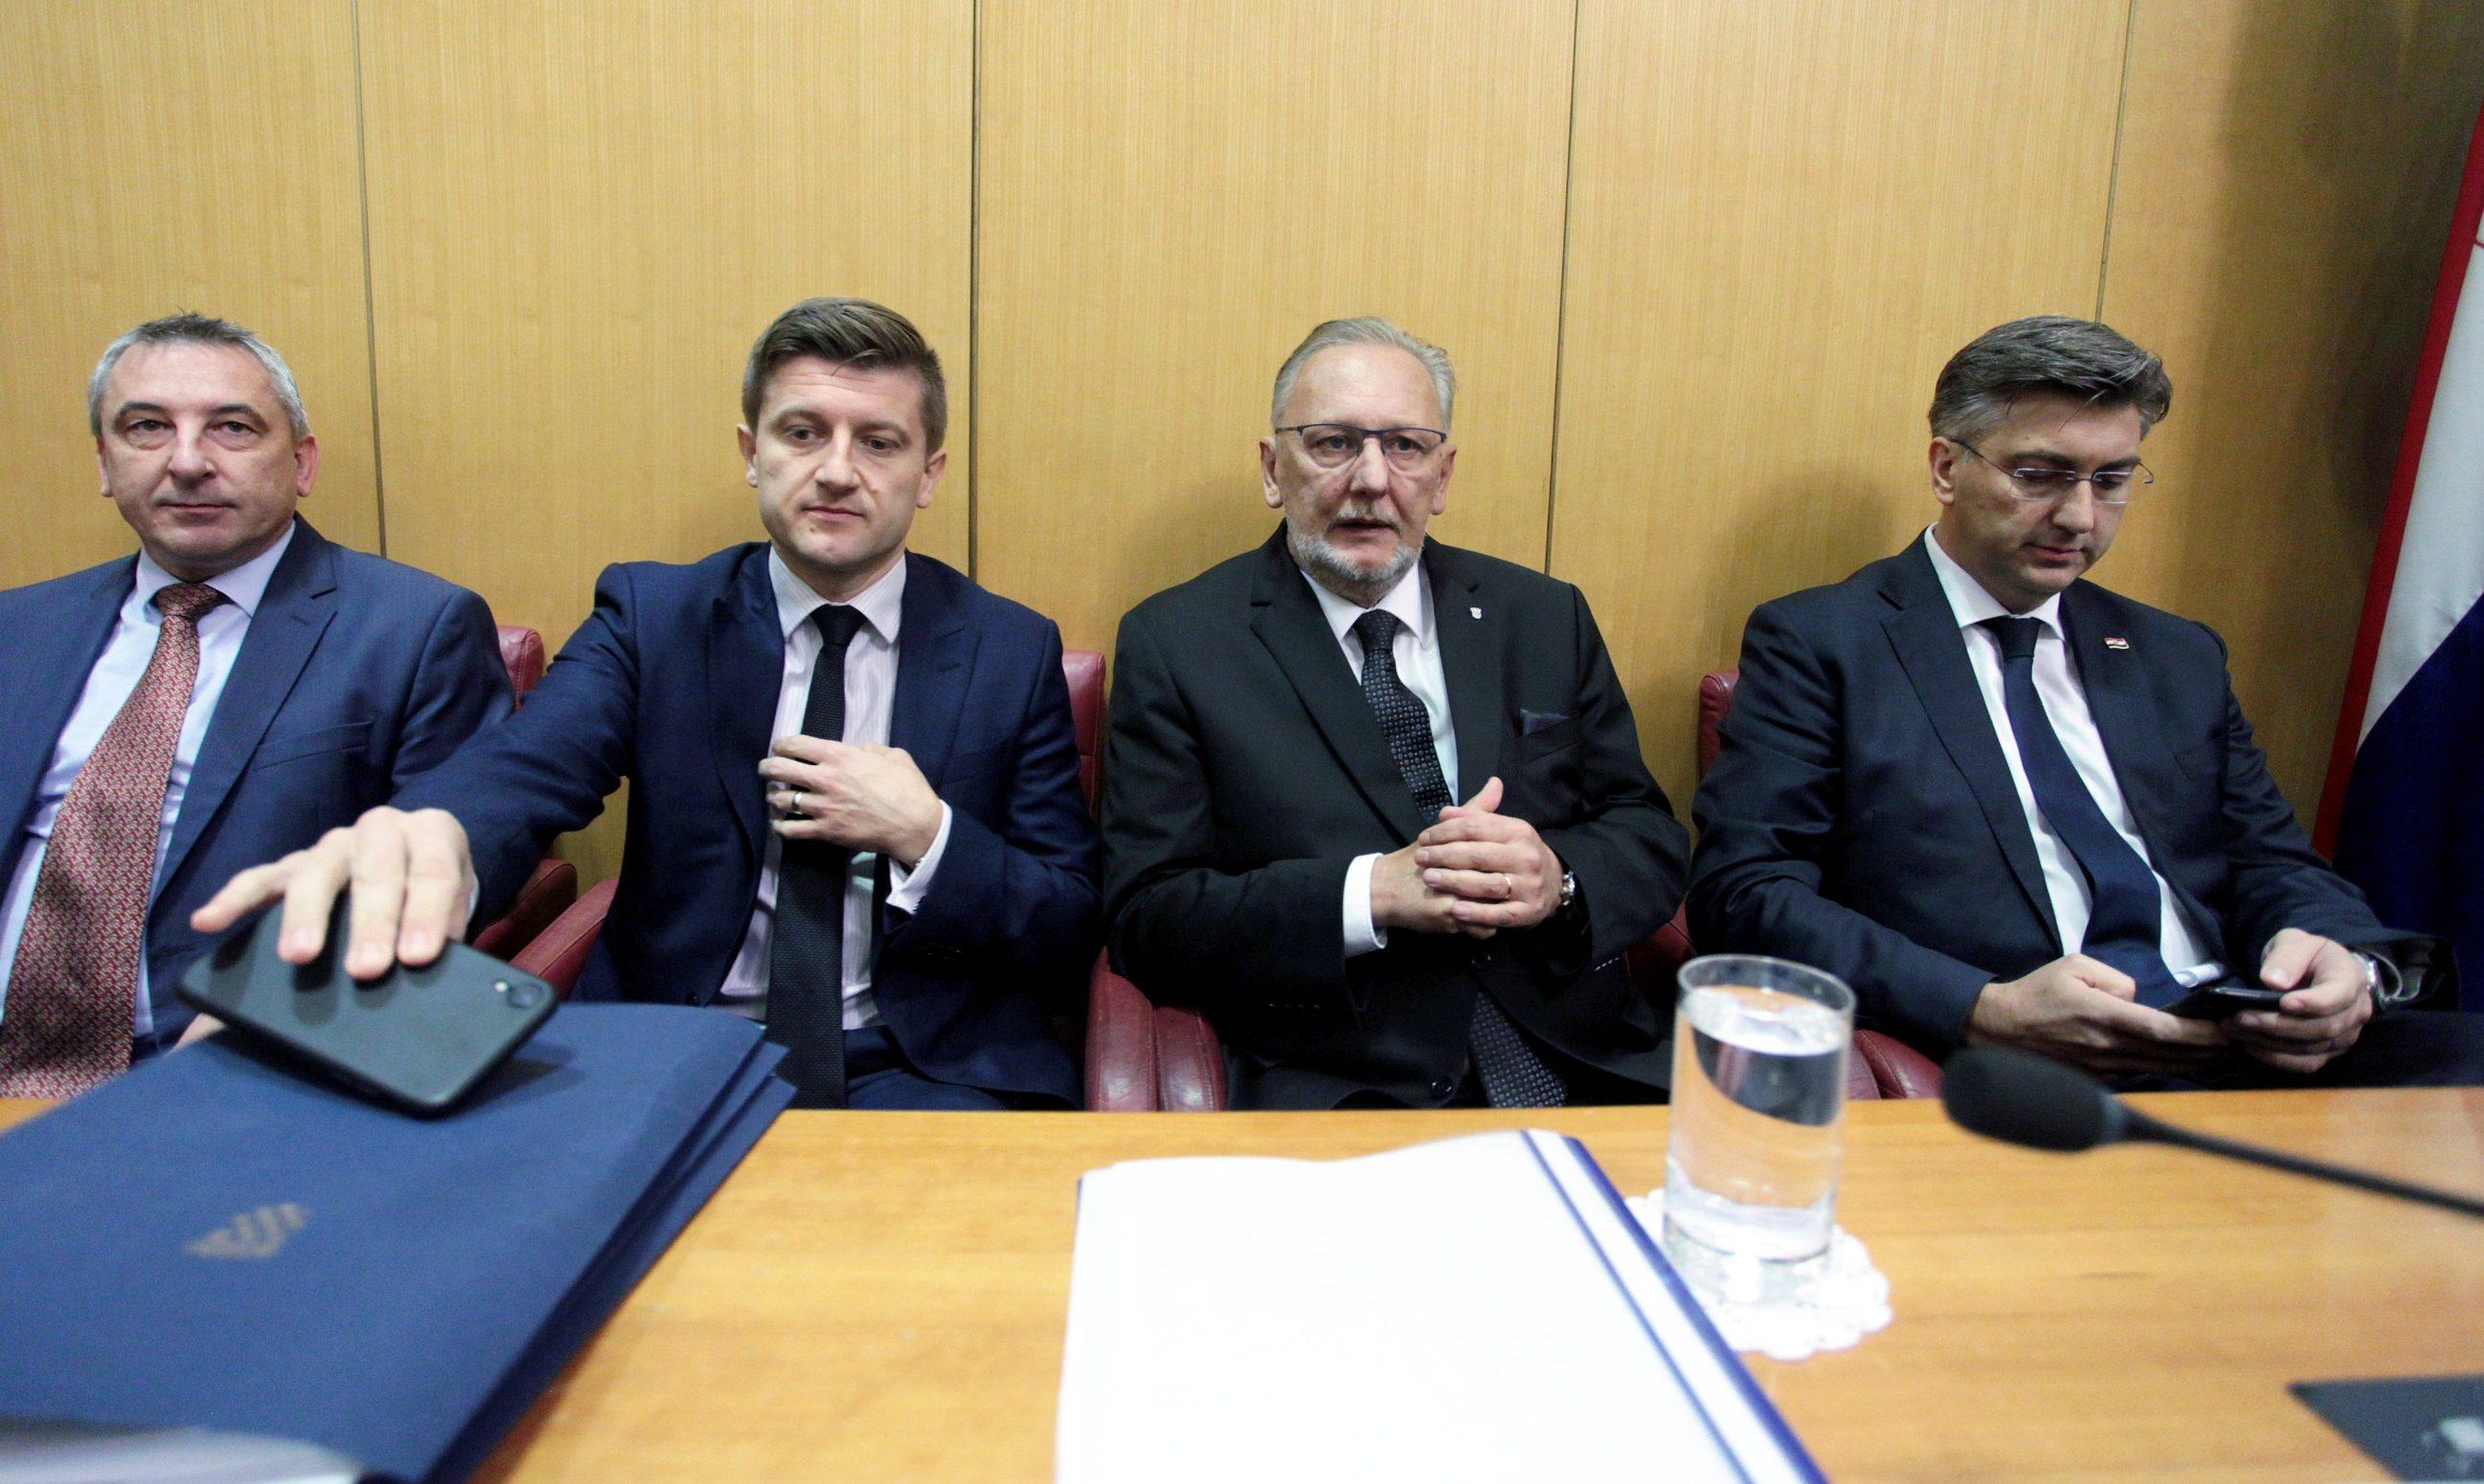 Predrag Štromar, Zdravko Marić, Davor Božinović, Andrej Plenković